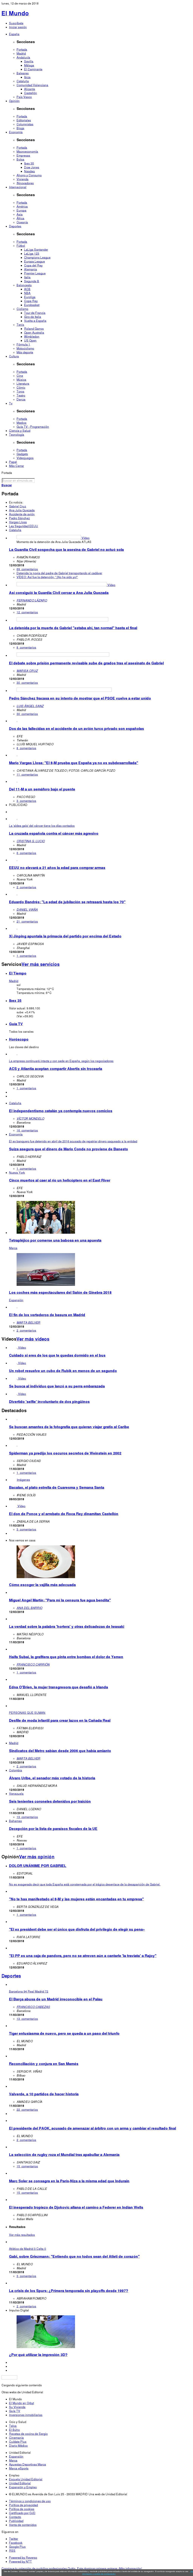 El Mundo at Monday March 12, 2018, 7:12 a.m. UTC